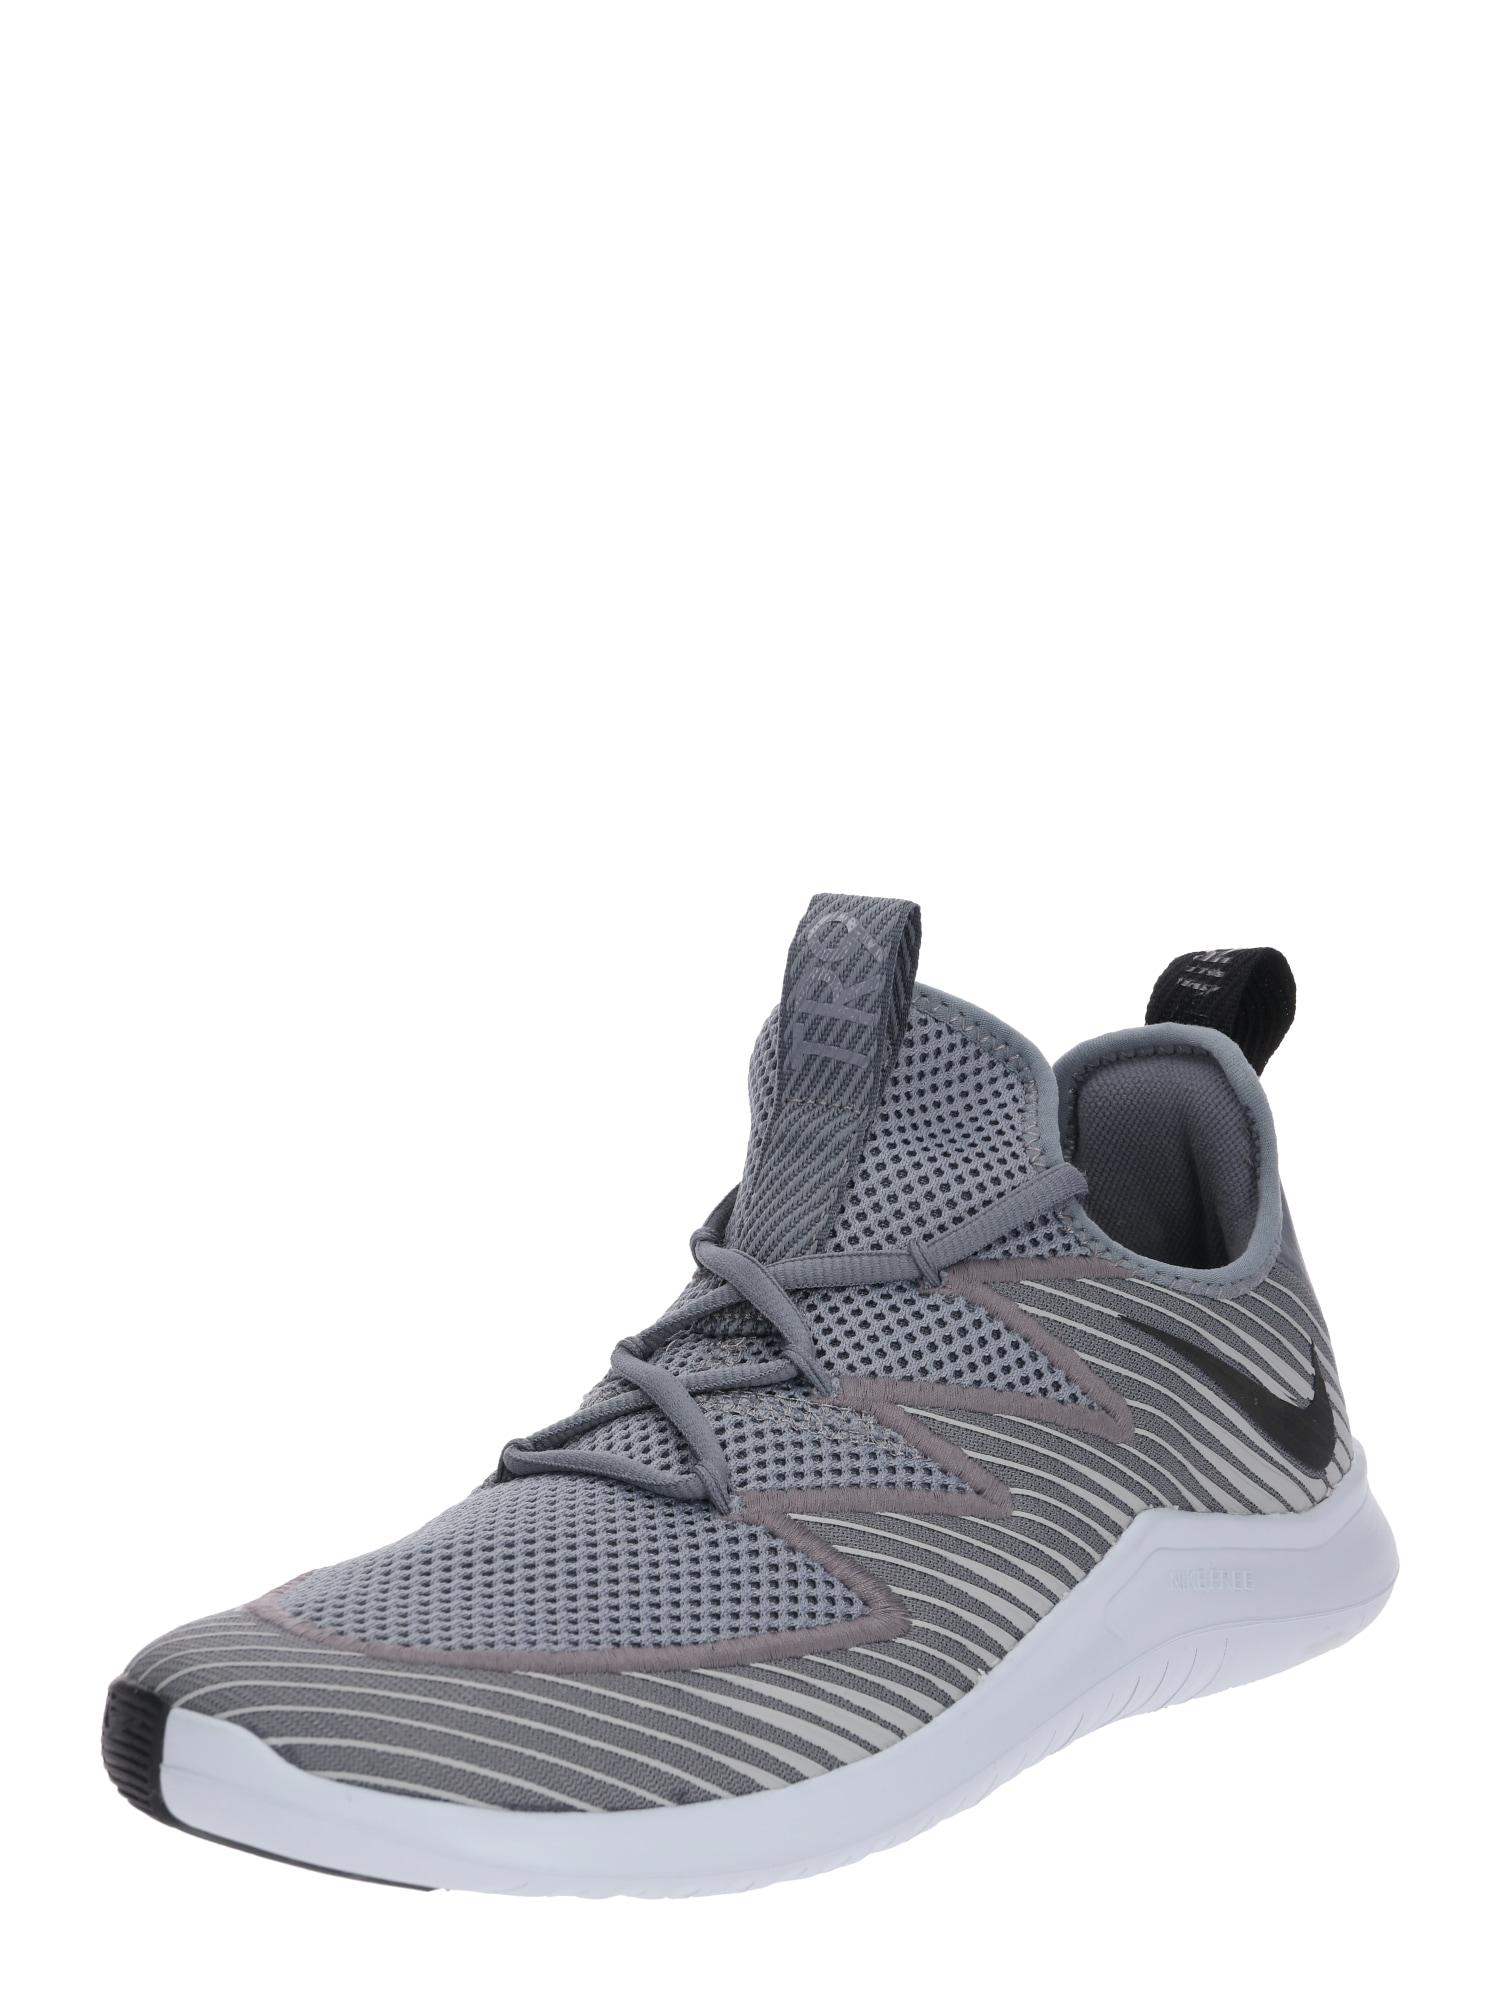 Sportovní boty Free TR 9 šedá bílá NIKE